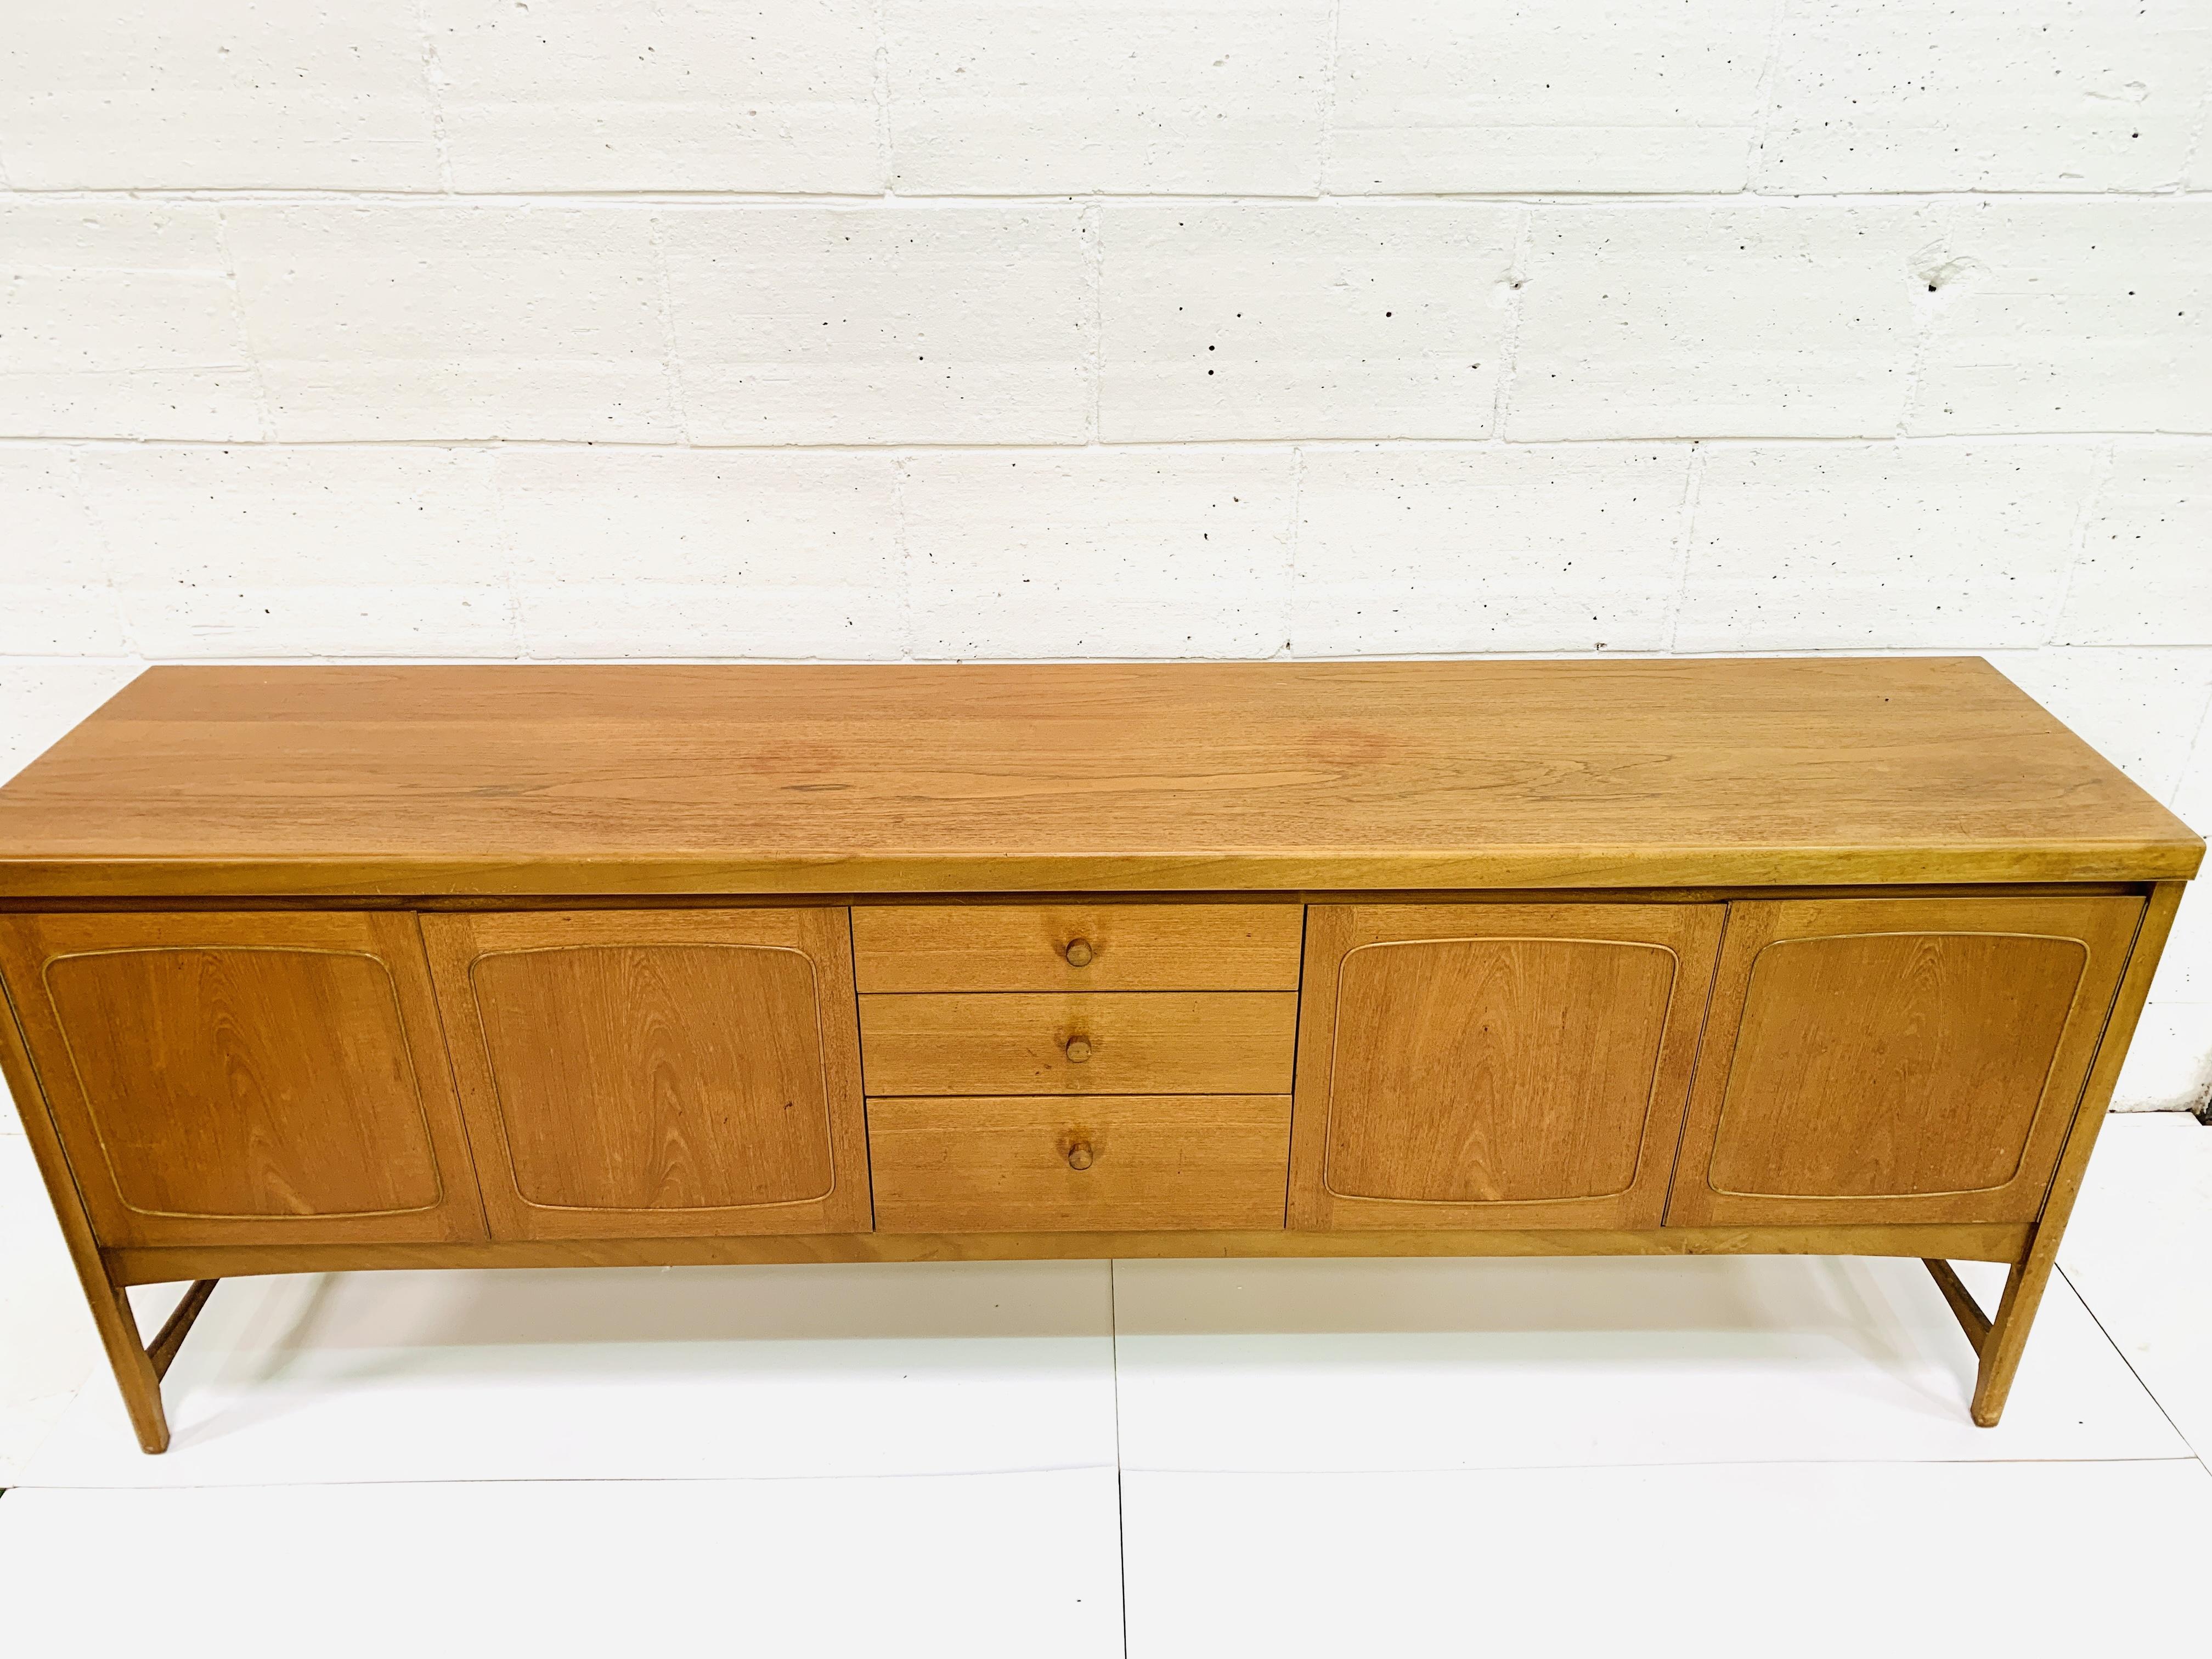 1970's teak sideboard - Image 3 of 6